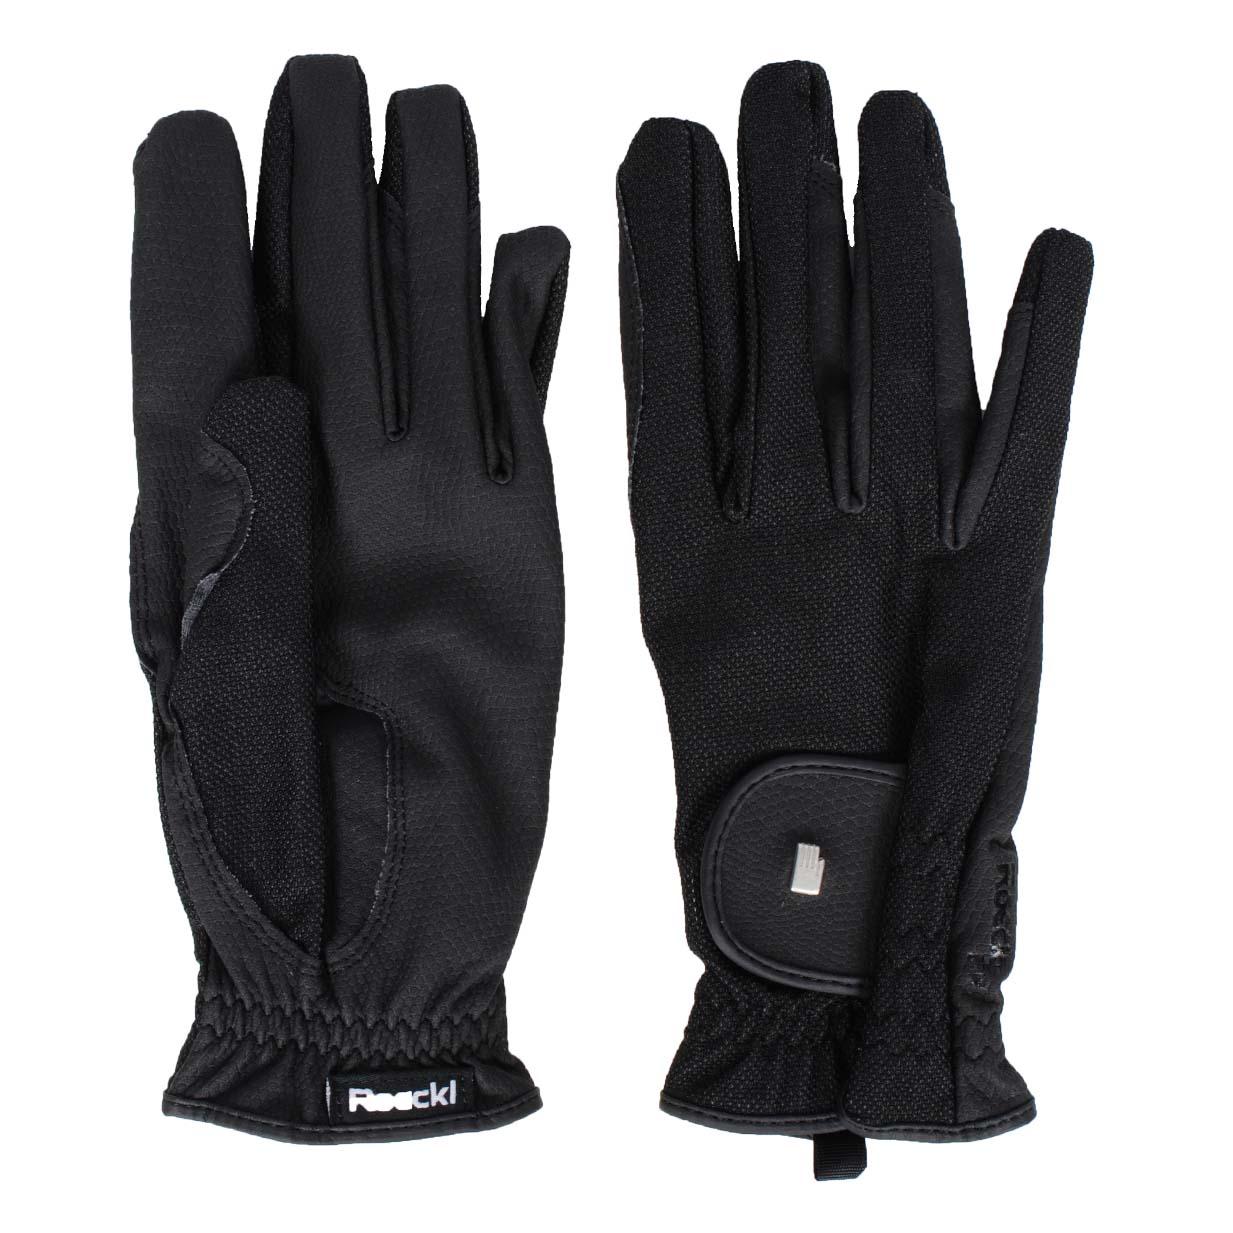 Roeckl Roeck Grip Lite handschoenen zwart maat:8,5